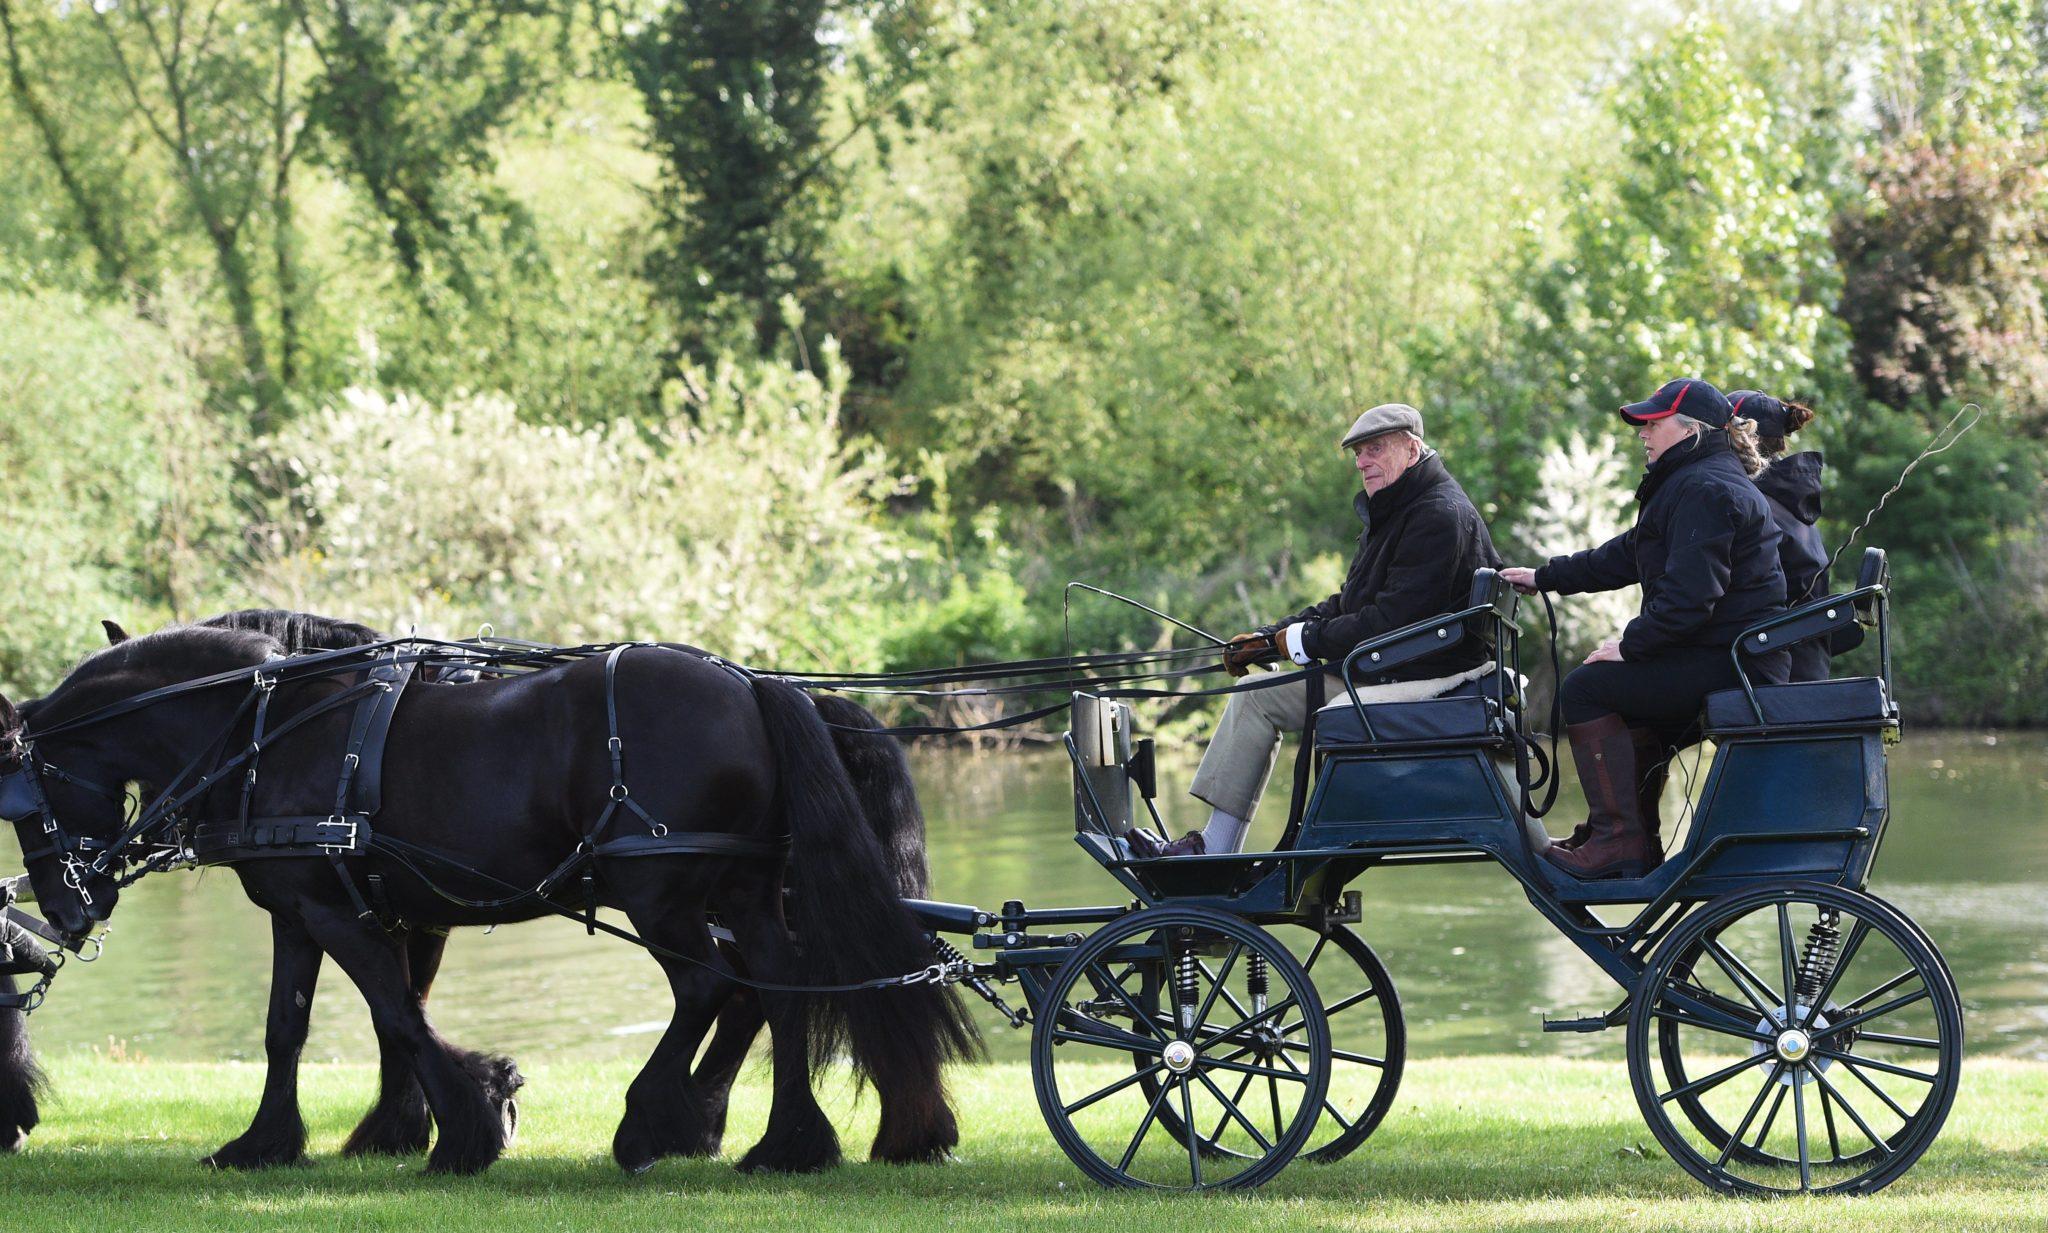 Wielka Brytania: królewski pokaz w Edynburgu (foto. PAP/EPA/FACUNDO ARRIZABALAGA)